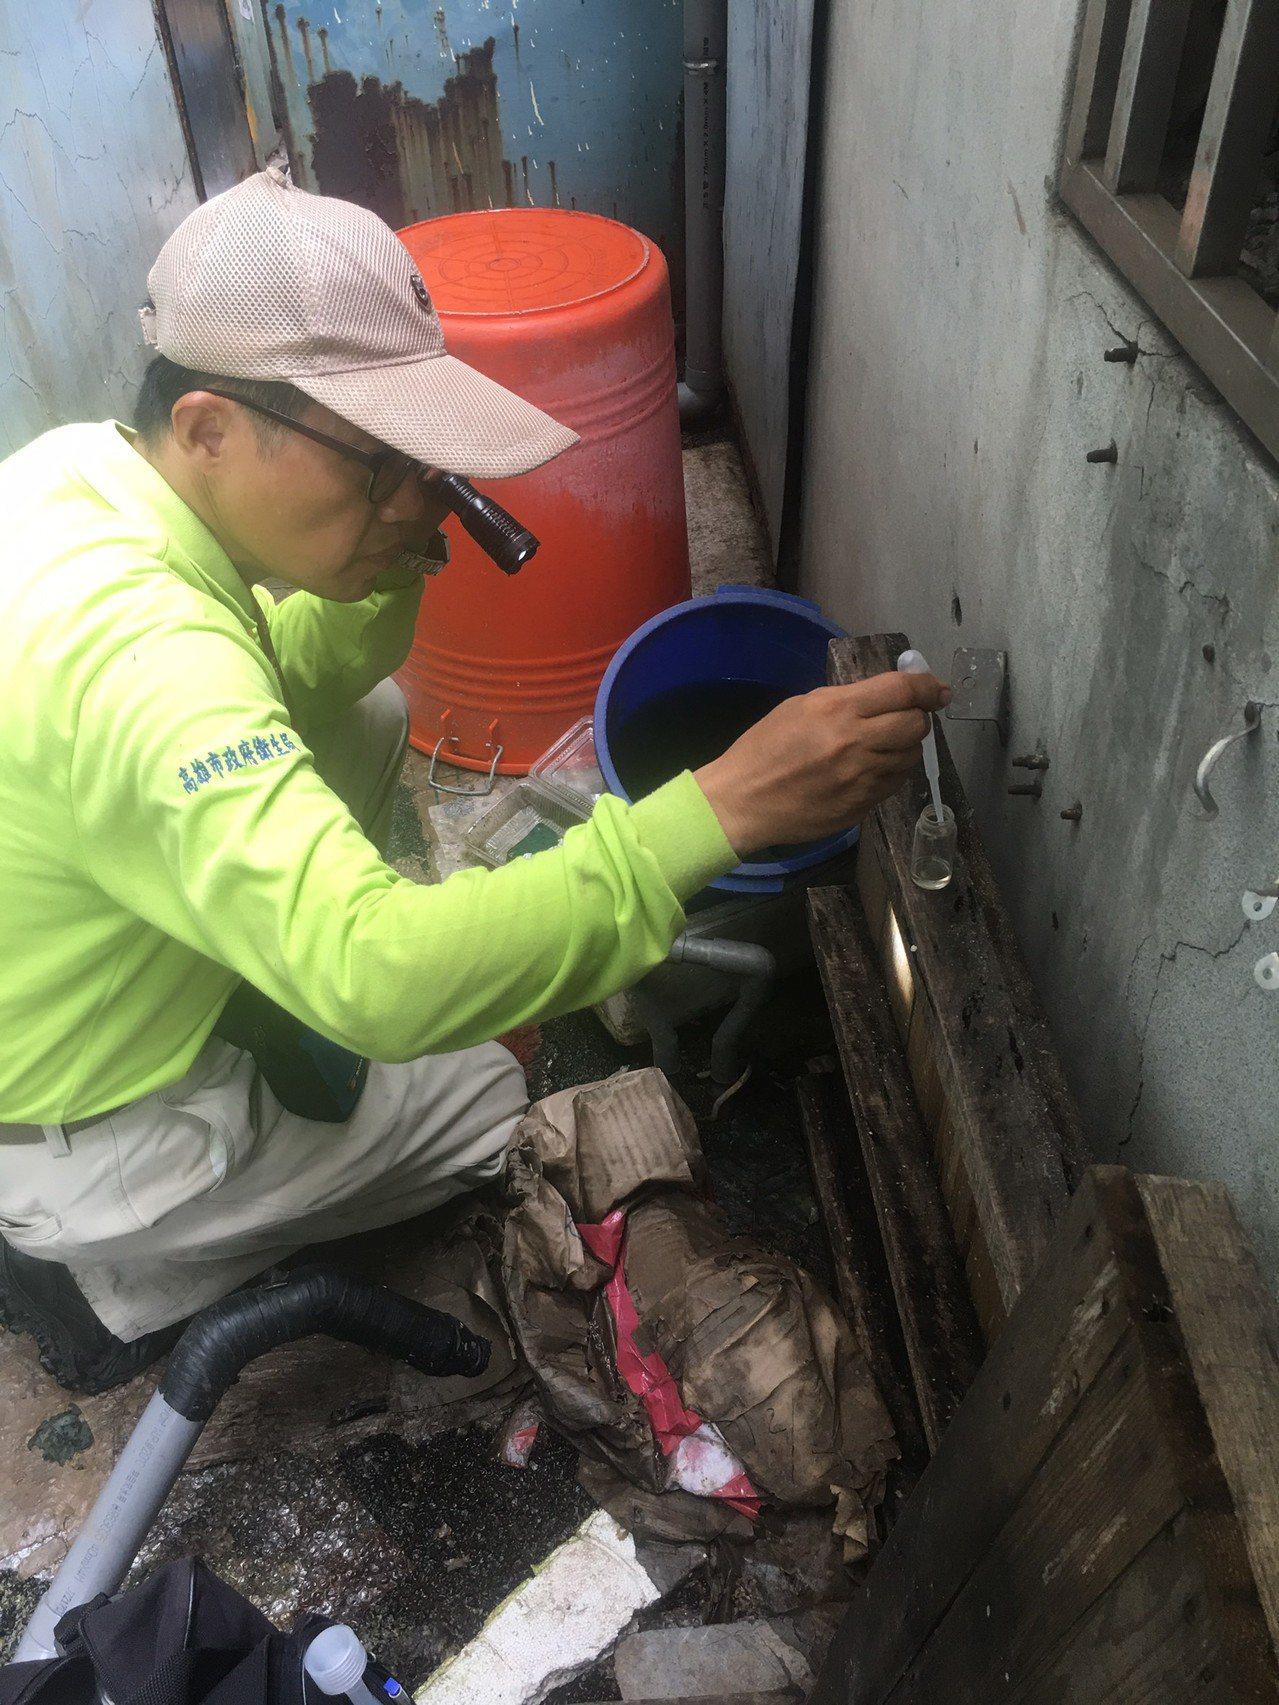 高雄新增第51例本土登革熱確診個案,並在其住家及工作地周邊發現多個積水容器已孳生...